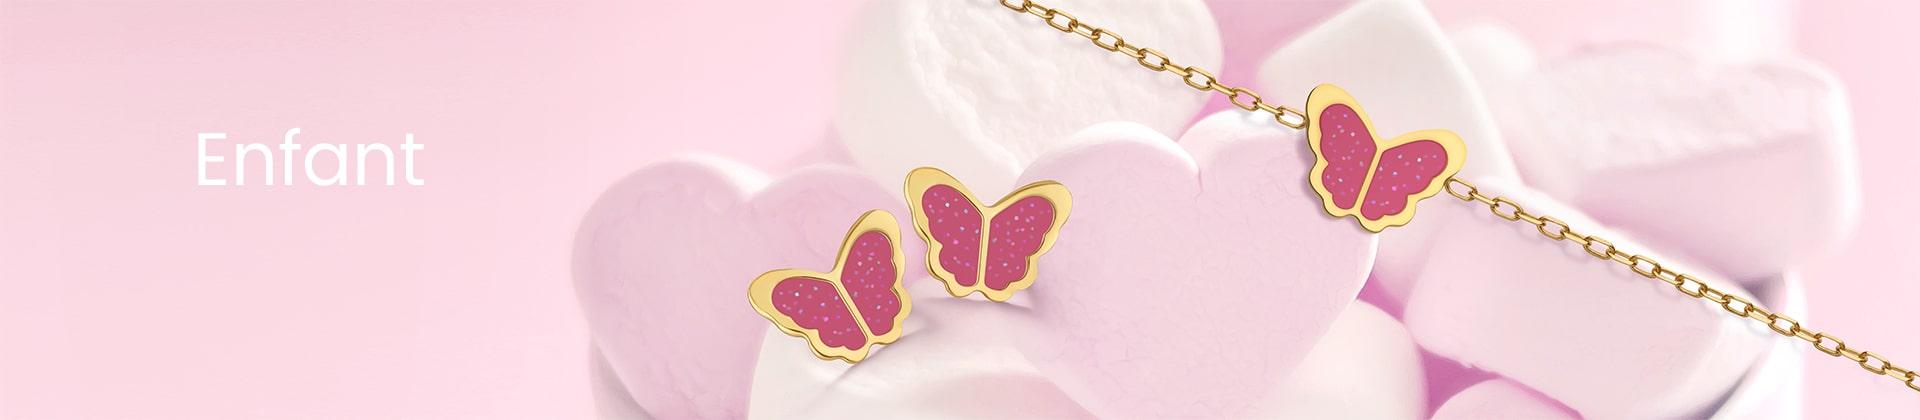 Bijoux enfant boucles d'oreilles or jaune papillon